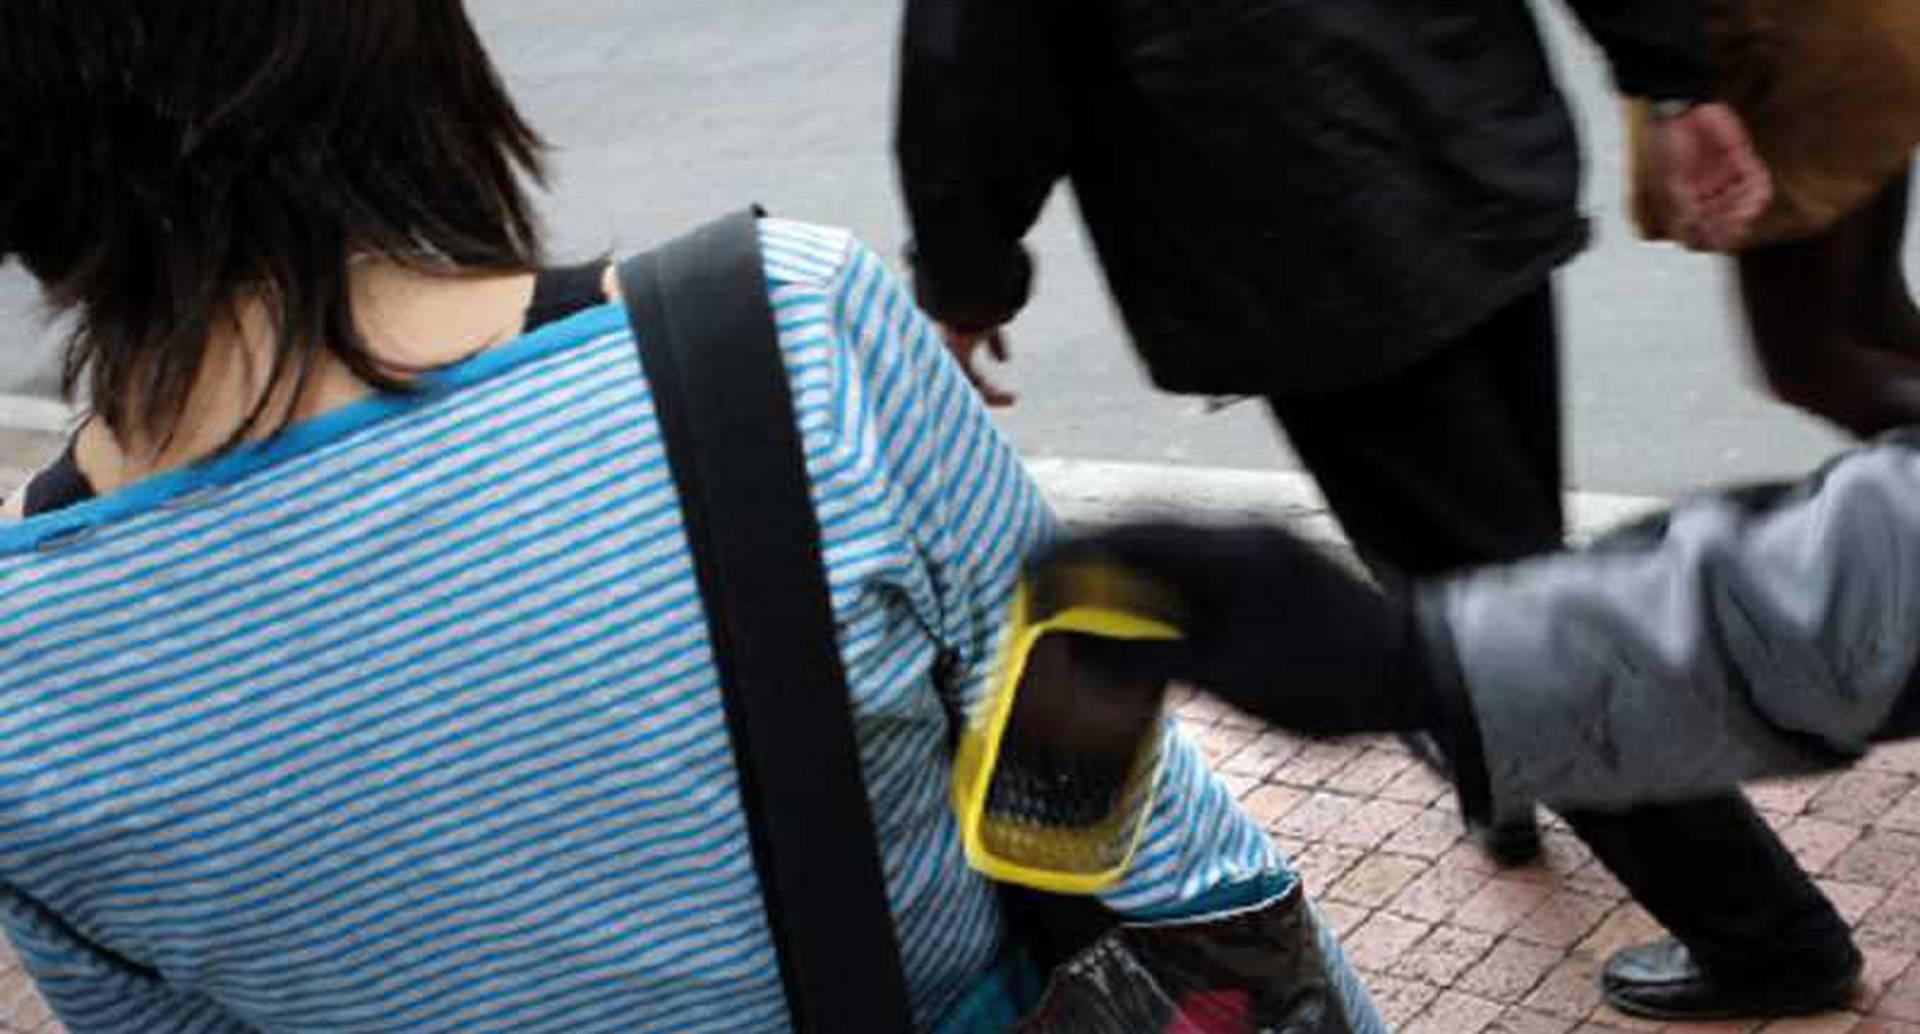 No a la compraventa de celulares robados: Quien compre un celular reportado por hurto o robo, puede ser multado con ocho salarios mínimos legales diarios (SMLDV). Como en todos los casos en que se impongan multas, en caso de que los sancionados no las paguen, serán reportados en el Boletín de Responsables Fiscales de la Fiscalía, lo cual les generará dificultades, por ejemplo, a la hora de asumir un empleo público, entre otras.  Así mismo, las autoridades sellarán los establecimientos en los que se encuentre un celular con las mismas características. Si la Policía encuentra más de un aparato reportado como robado, puede judicializar a la persona a cargo del establecimiento comercial.